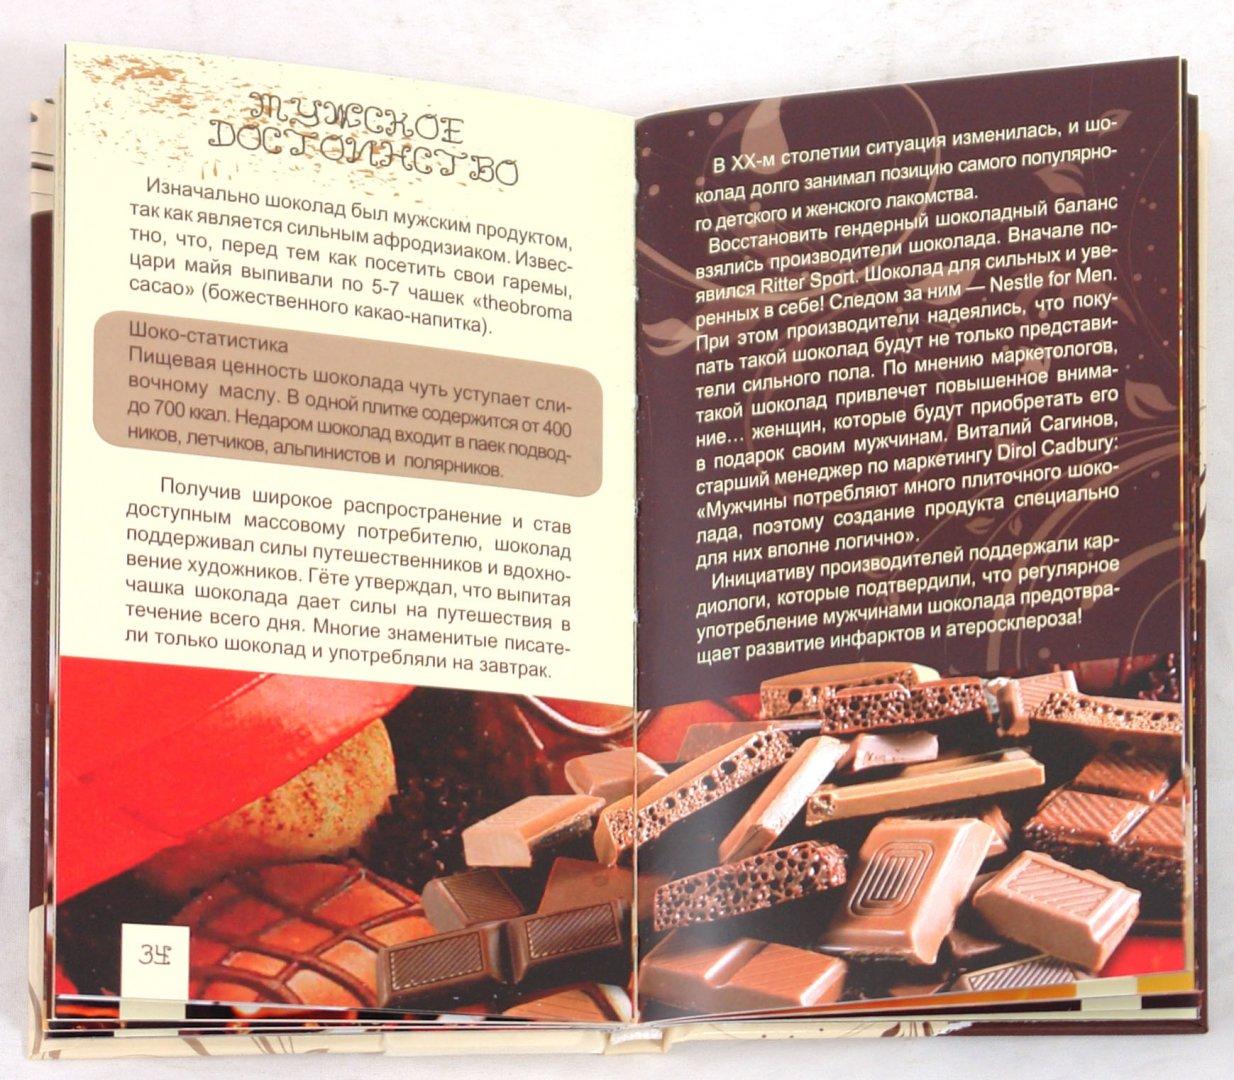 Иллюстрация 1 из 11 для Энциклопедия шокоголика: Концептуальное подарочное издание - С.В. Полтавцева   Лабиринт - книги. Источник: Лабиринт